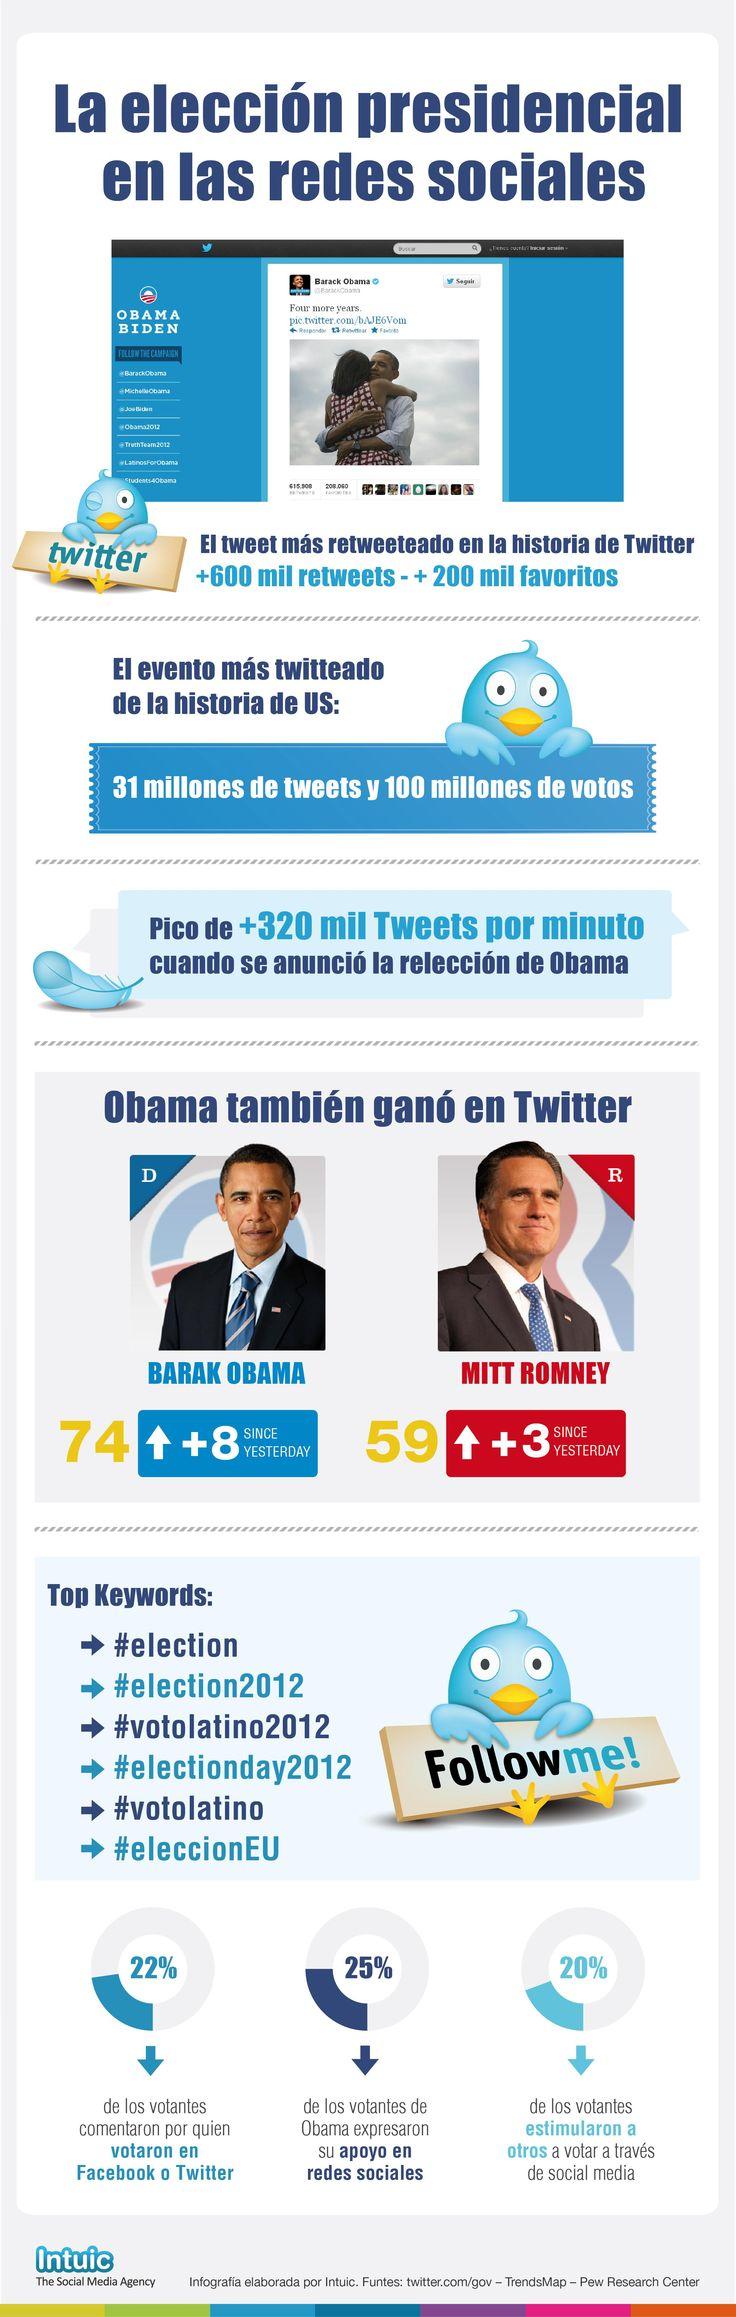 Las elecciones de Estados Unidos en 2012 en Redes Sociales #infografia